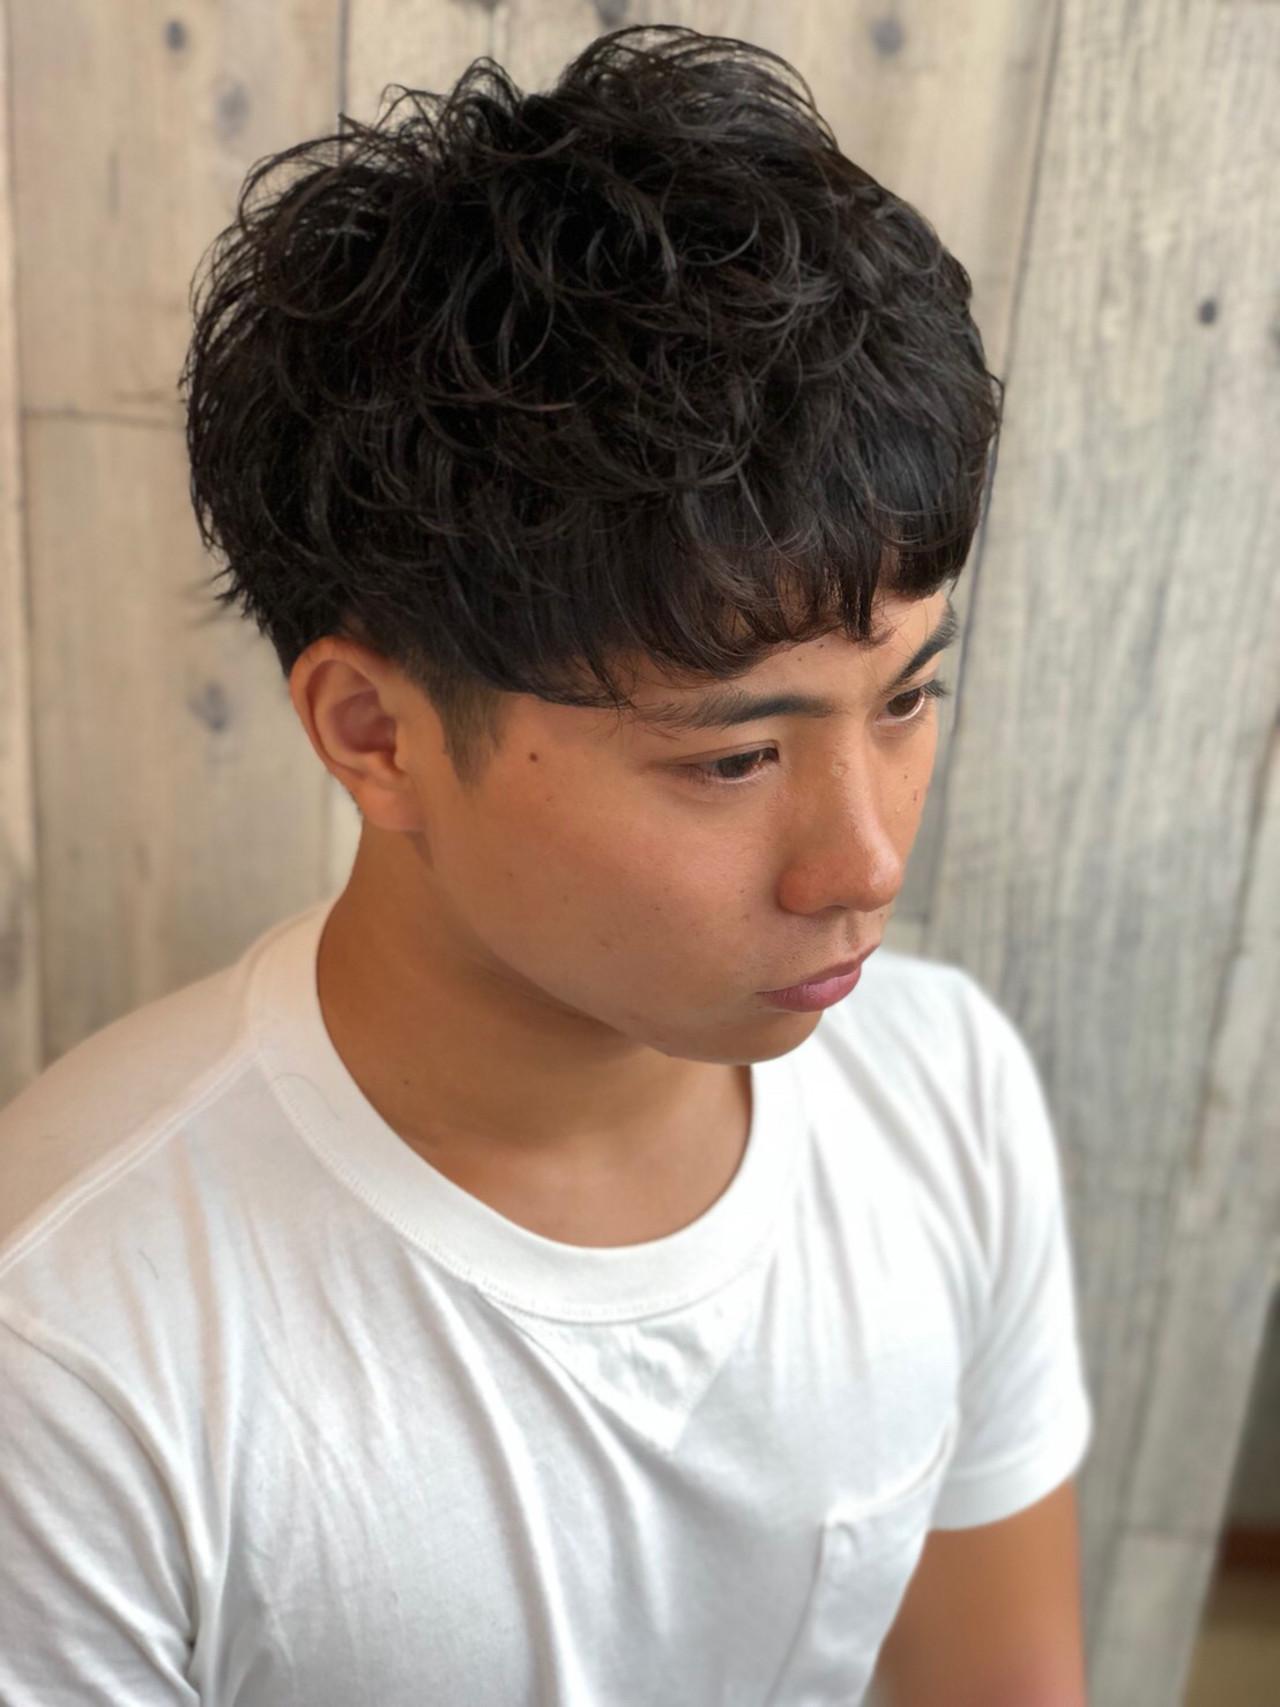 ショート 黒髪 メンズヘア メンズ ヘアスタイルや髪型の写真・画像